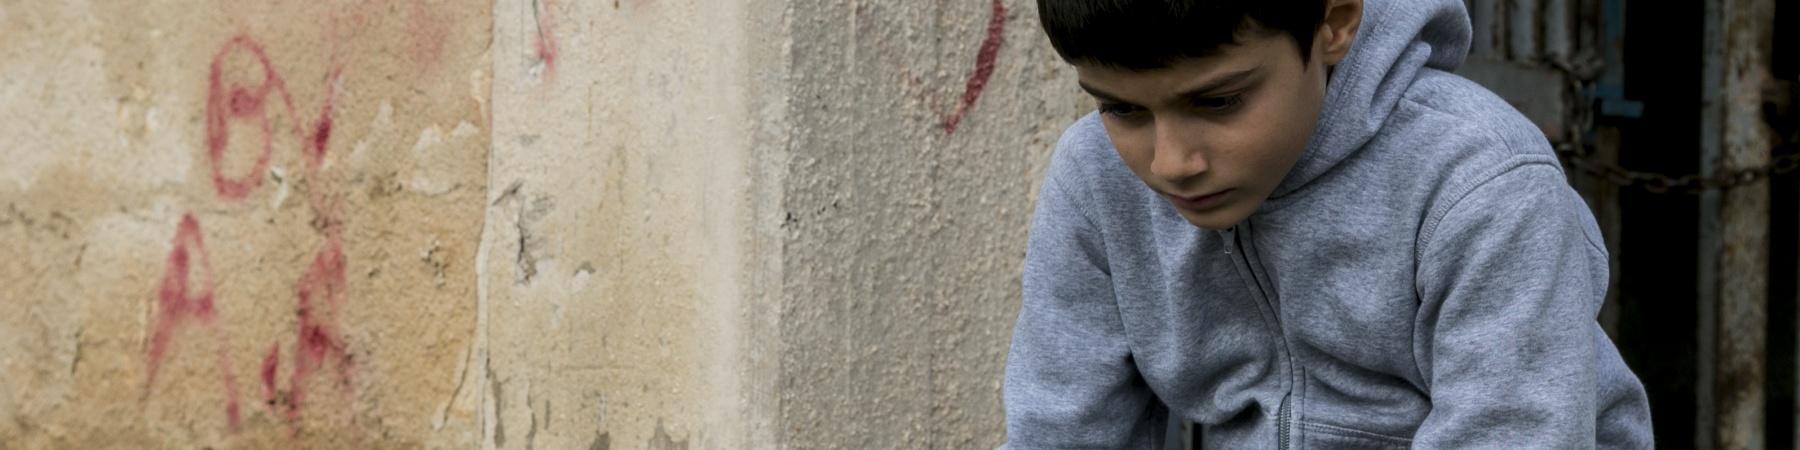 1 ragazzo su 10 in Italia ha subito atti di cyberbullismo